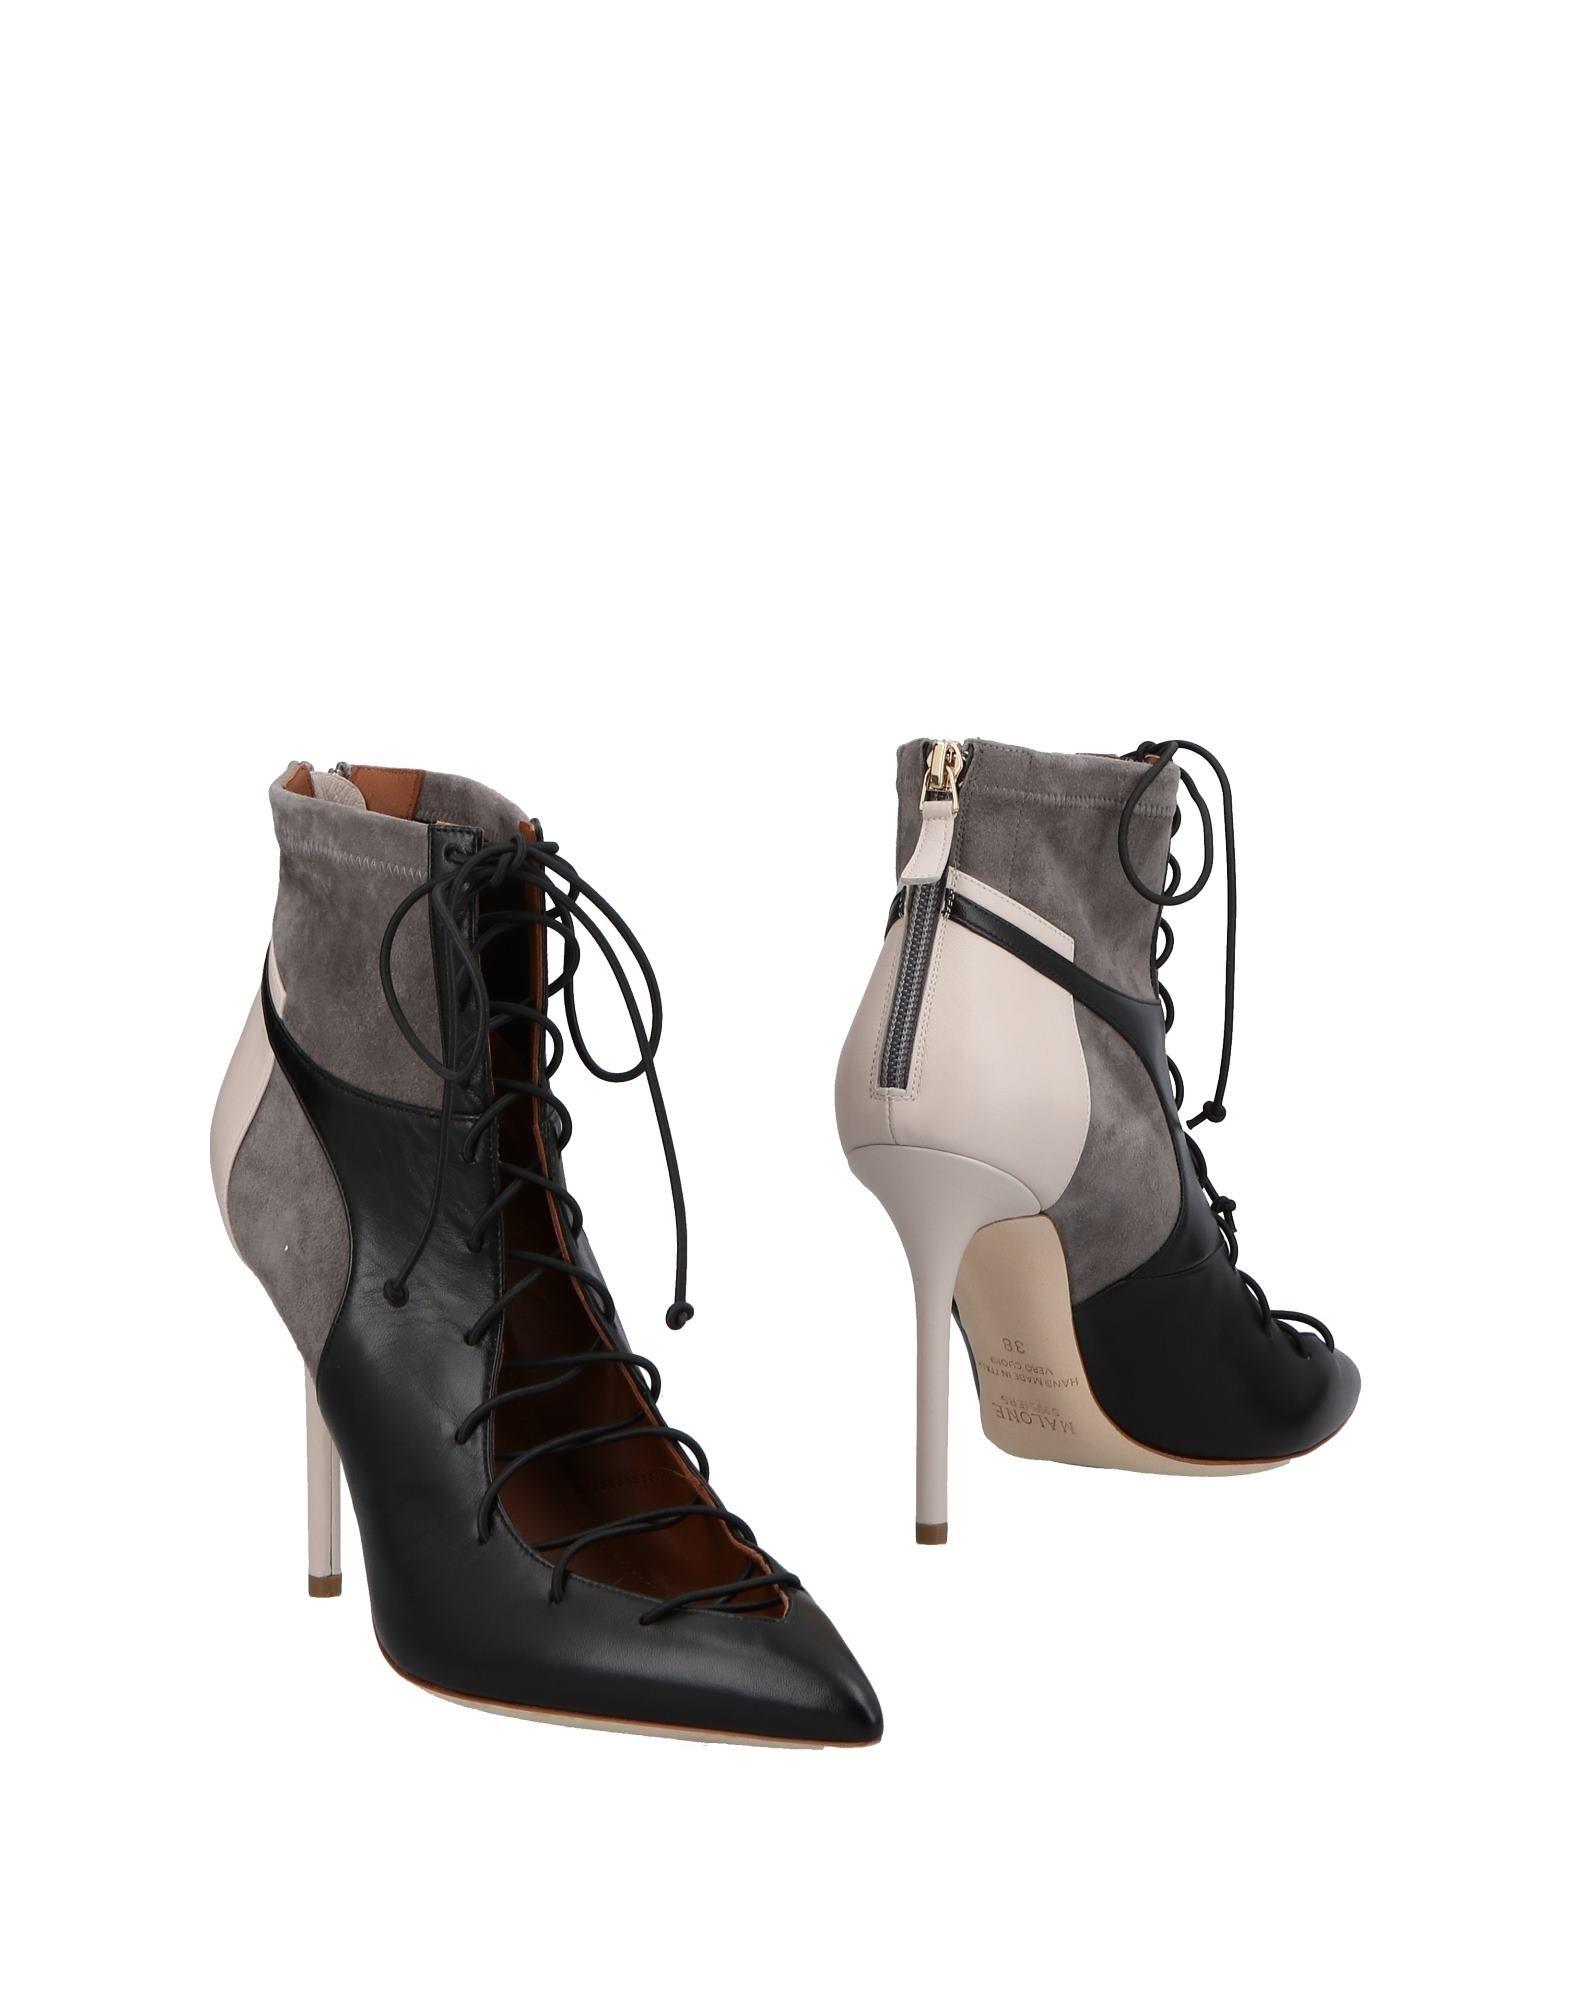 Malone Souliers Stiefelette Damen  11481396AE 11481396AE 11481396AE Beliebte Schuhe 5cbb46